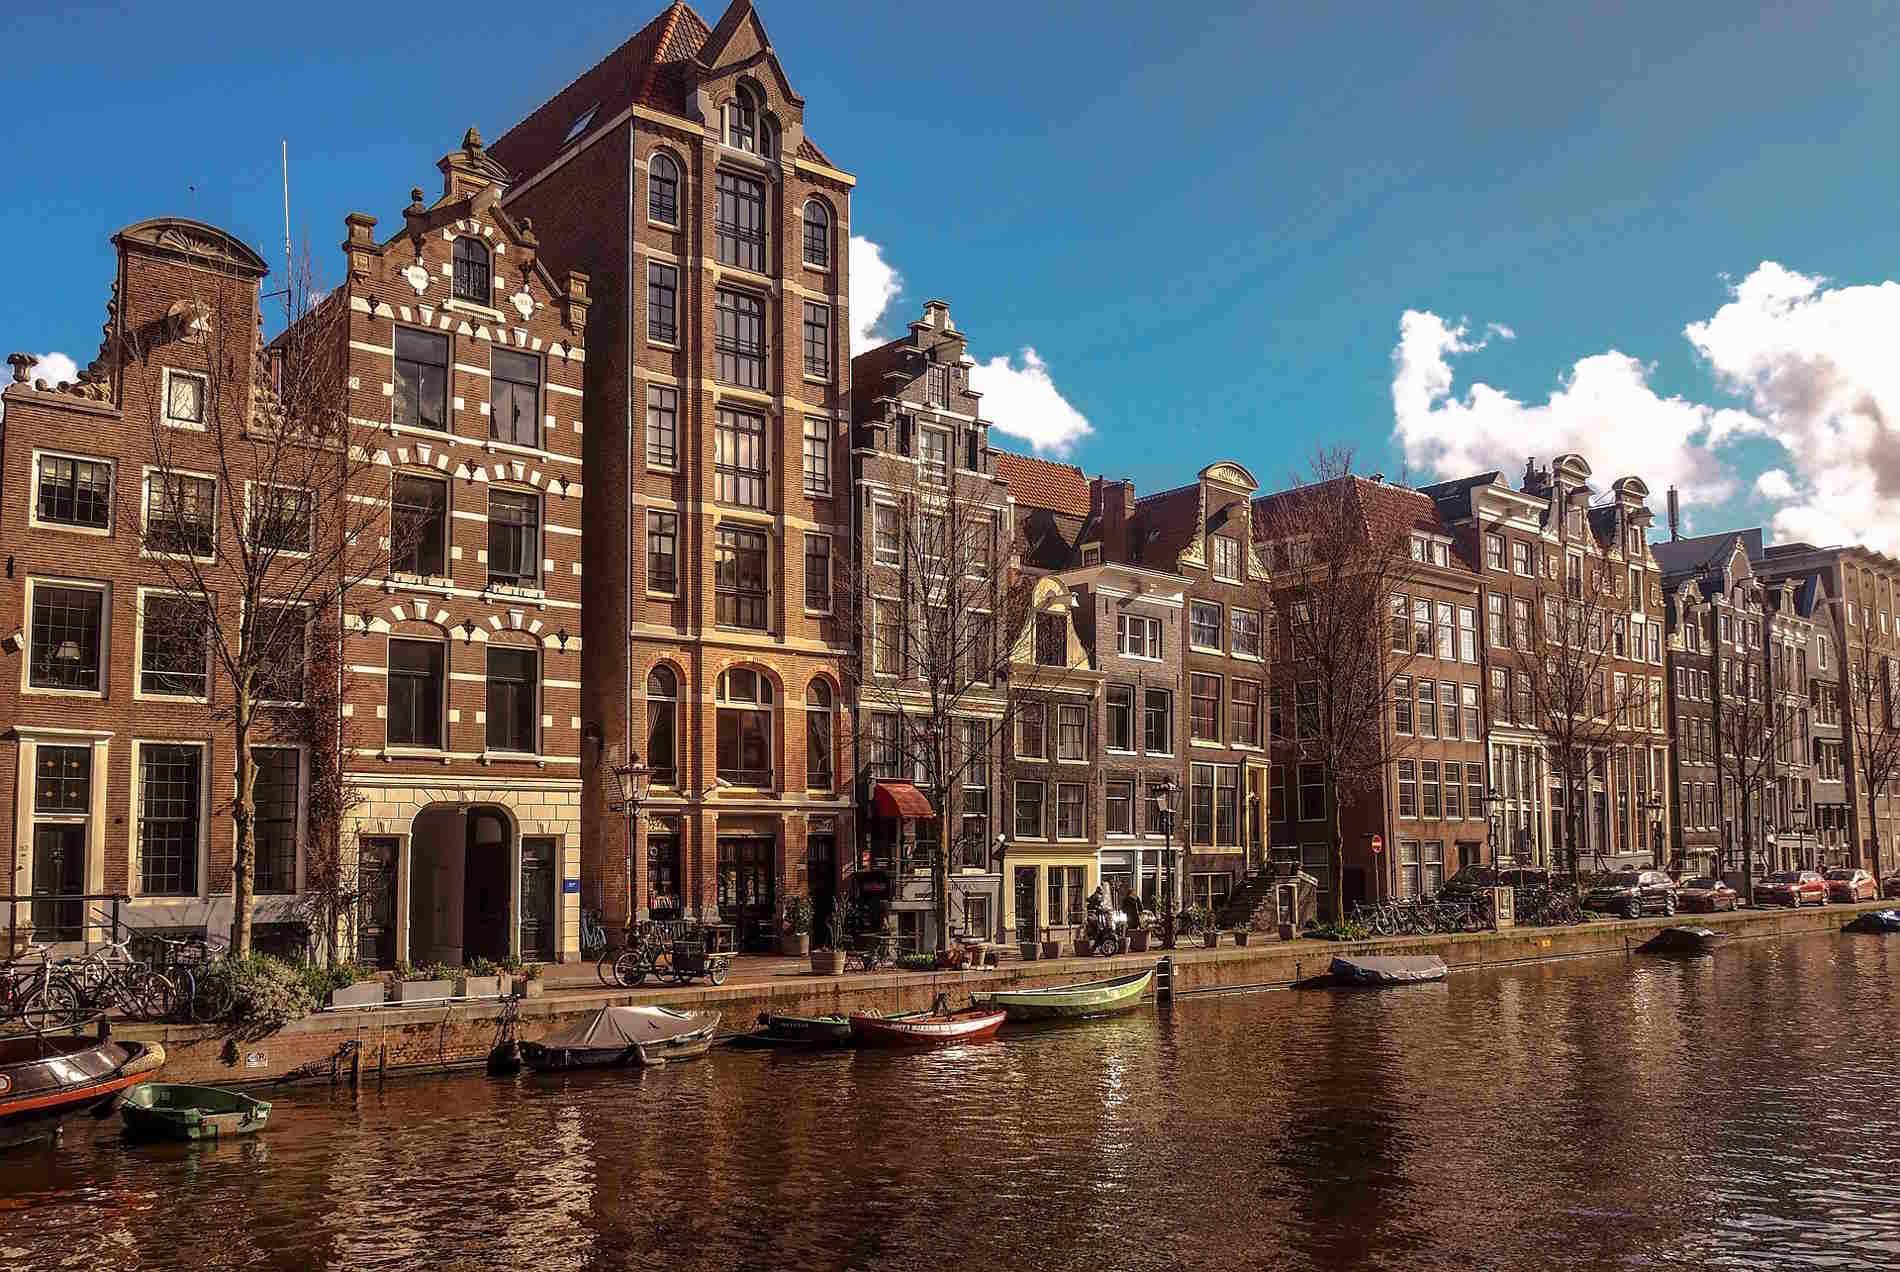 Amsterdam capitale europea dell'Olanda i canali sono il suo simblo